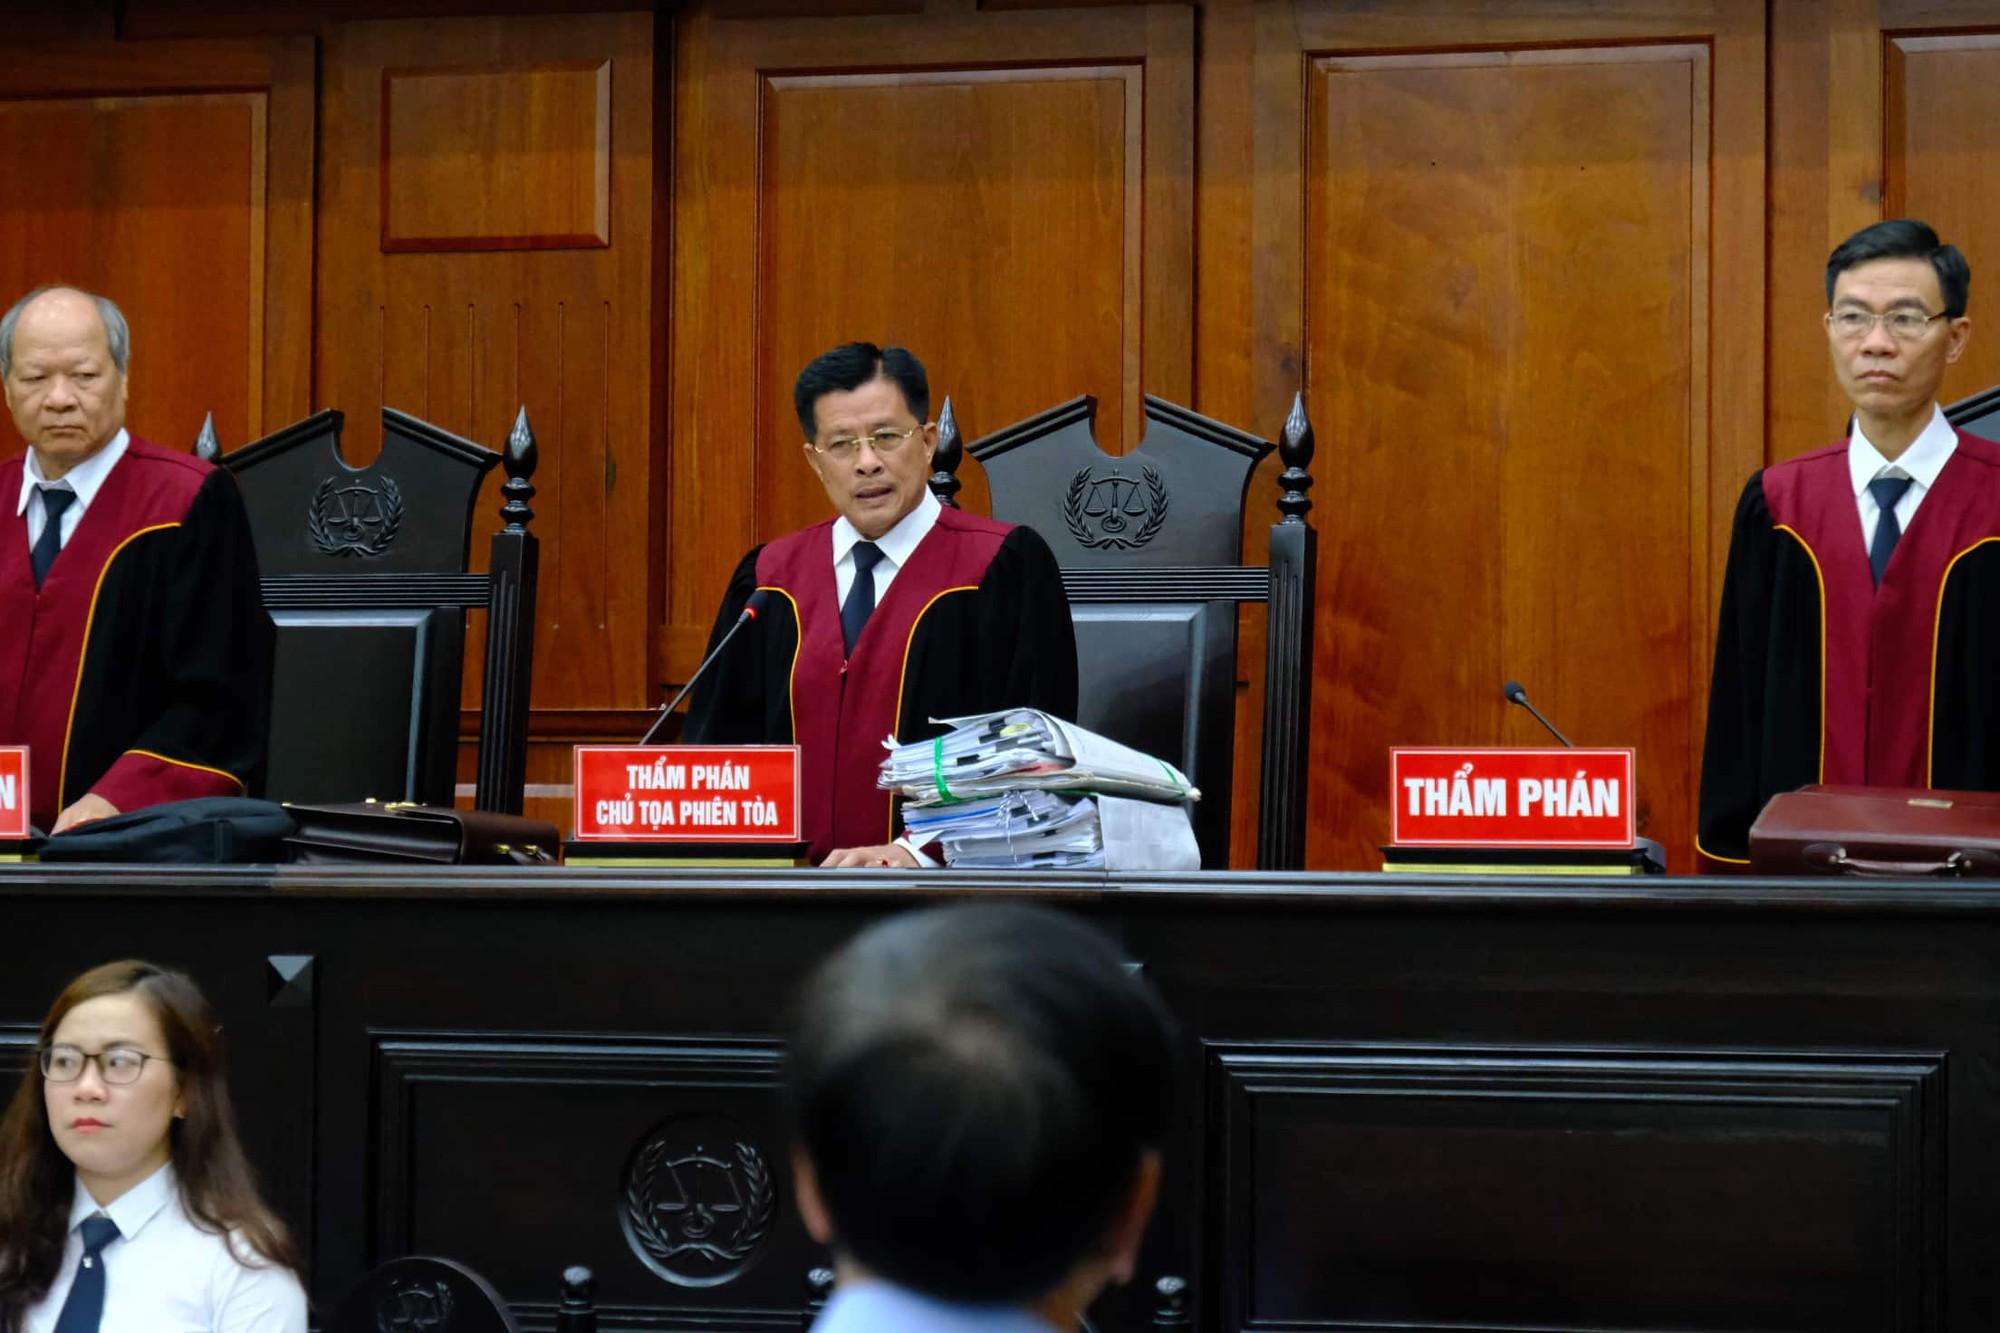 NÓNG: Bà Thảo vắng mặt trong phiên tòa ly hôn nghìn tỷ, ông Vũ cho biết không muốn nhắc đến chuyện gia đình-9